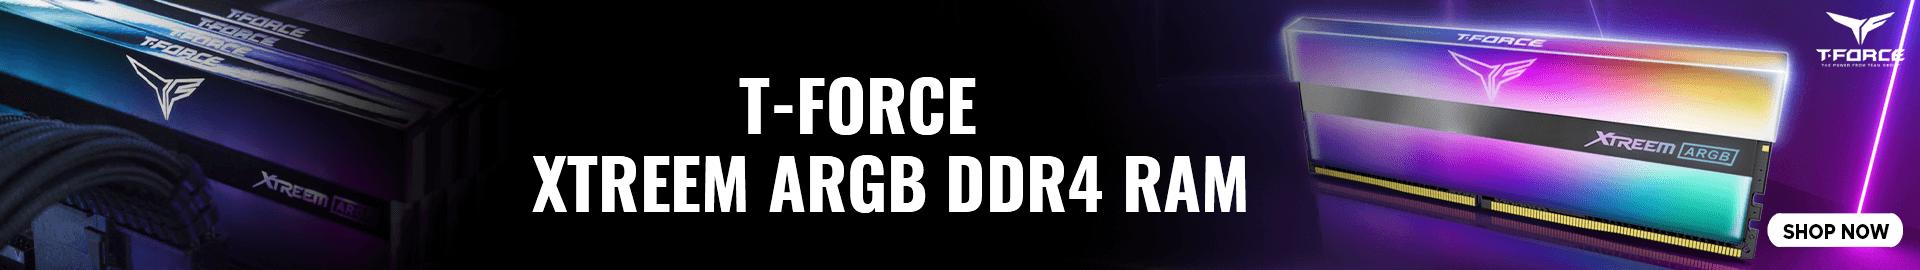 T-Force Xtreem ARGB DDR4 Ram